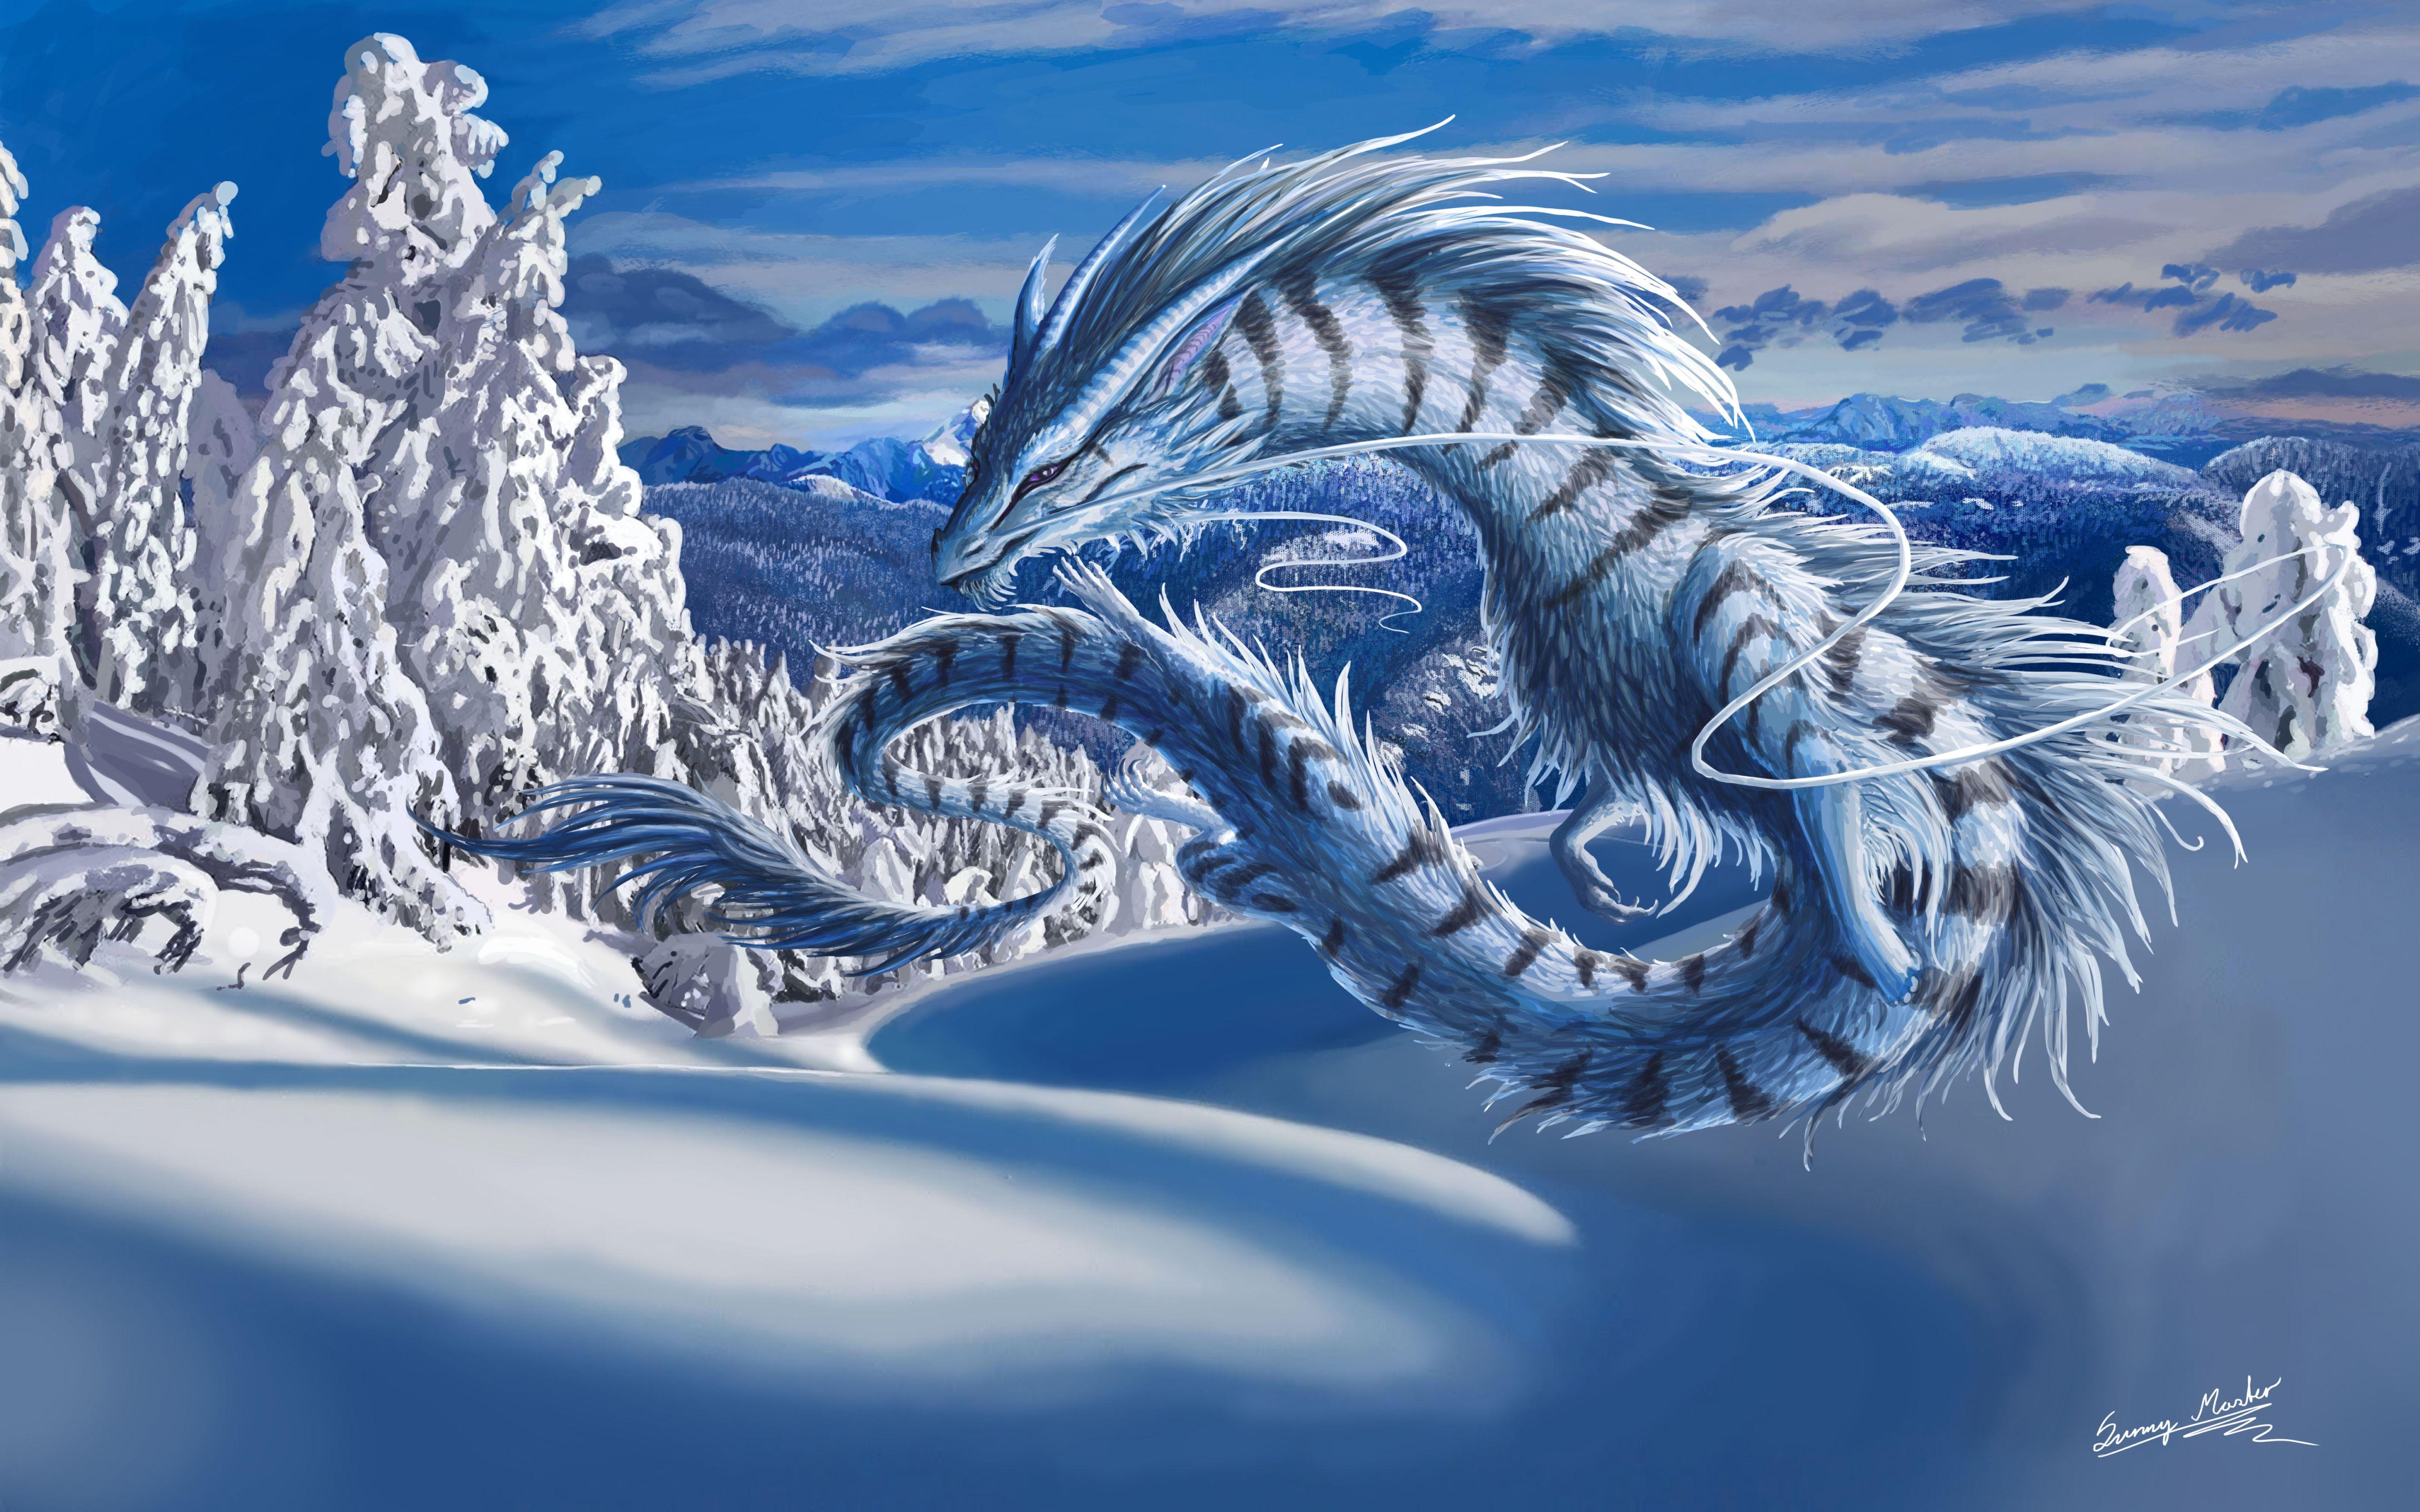 зима, пробки, ледниковый период, машины, фэнтези  № 1653924 бесплатно